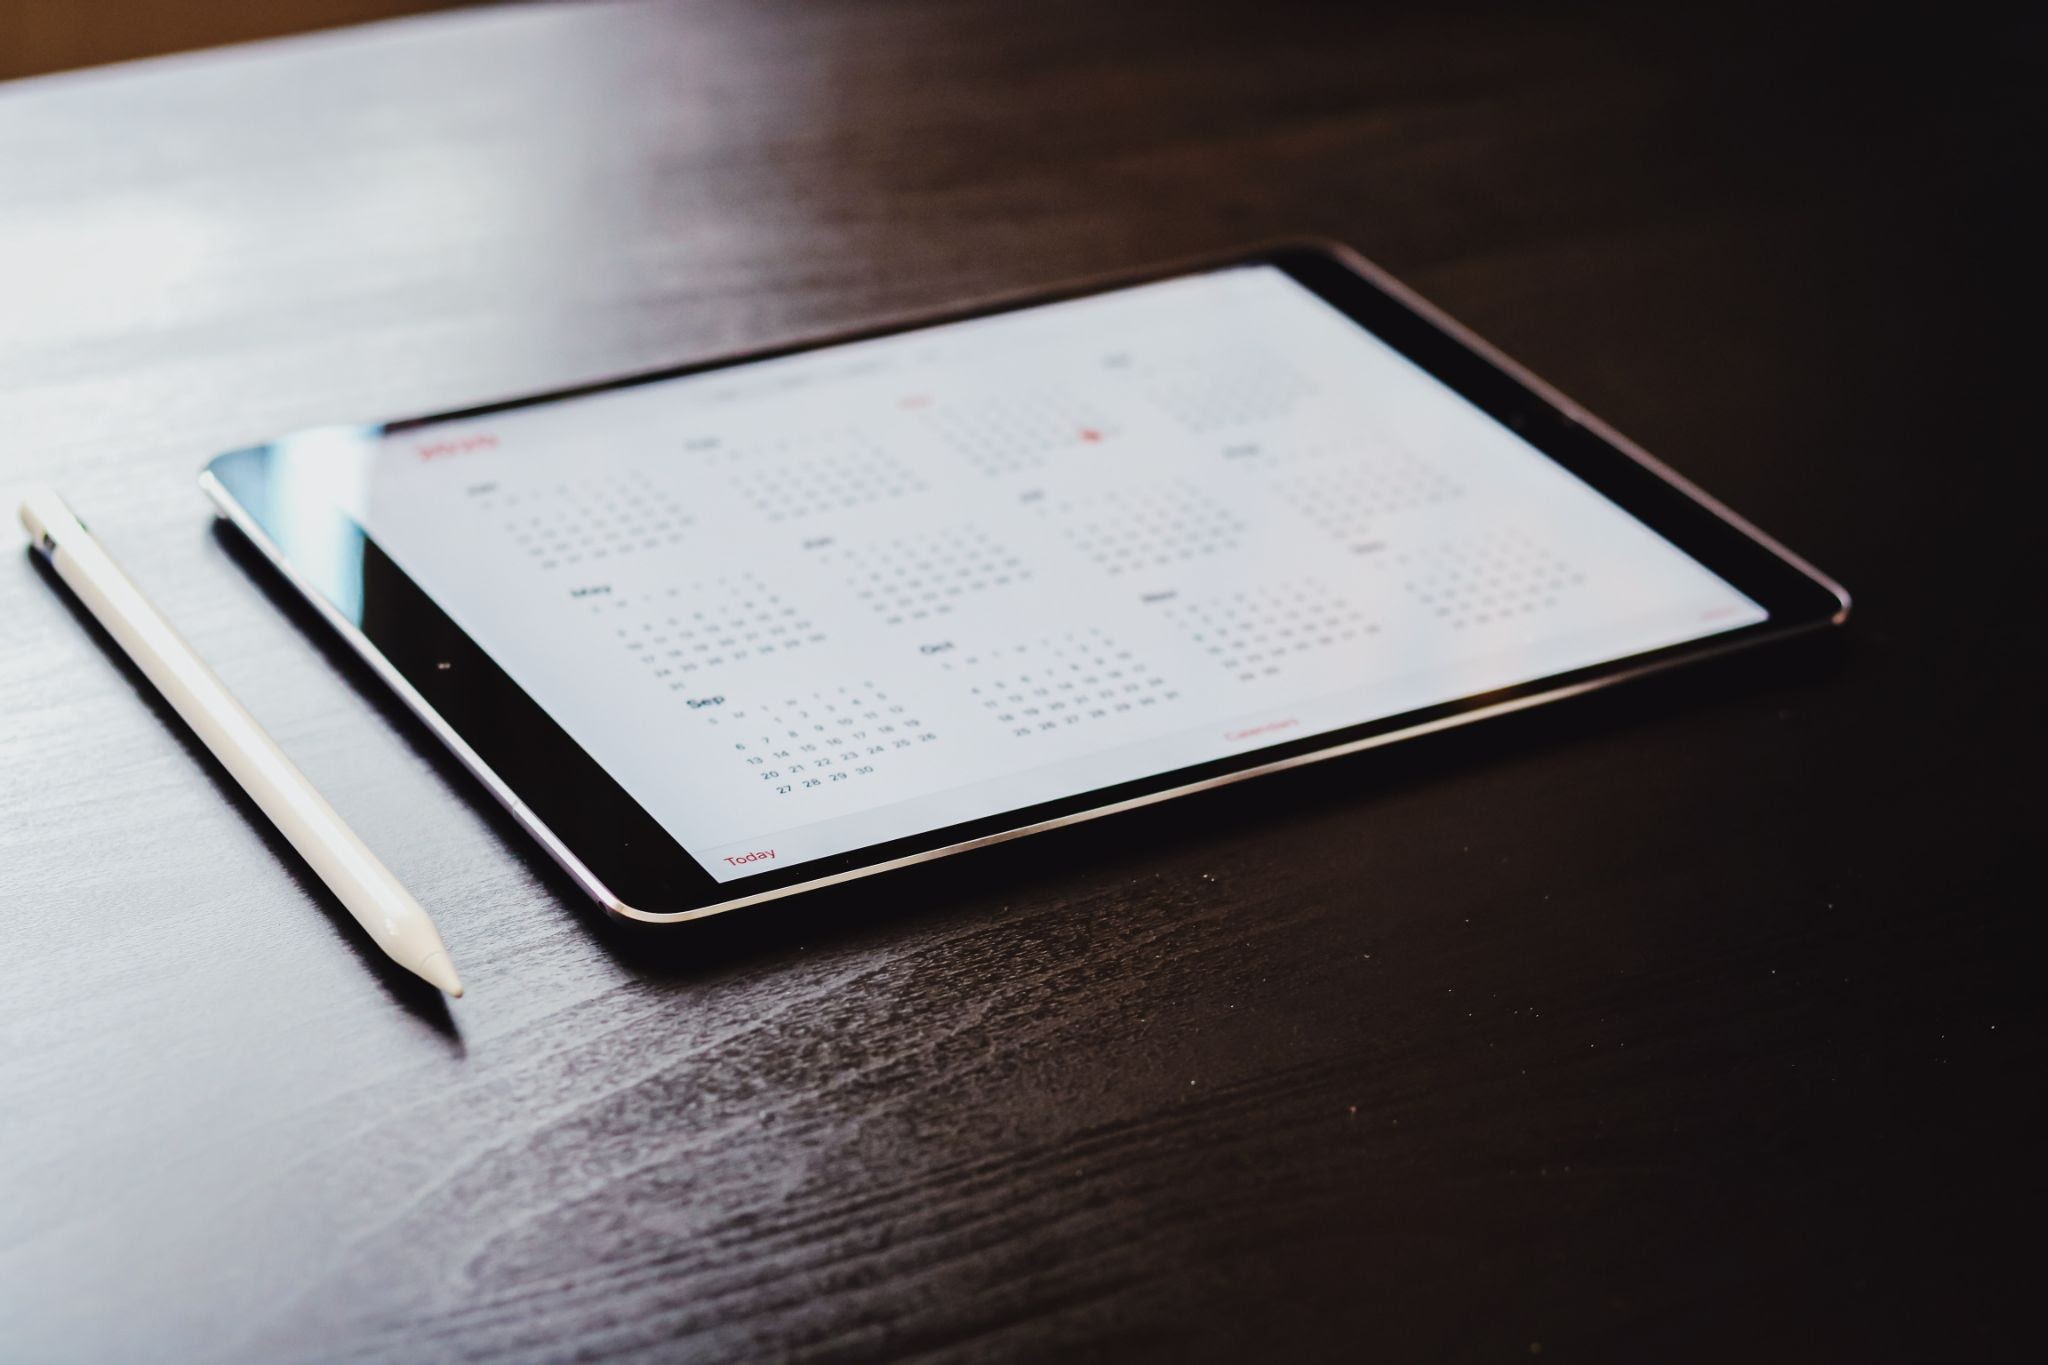 An online calendar on an iPad